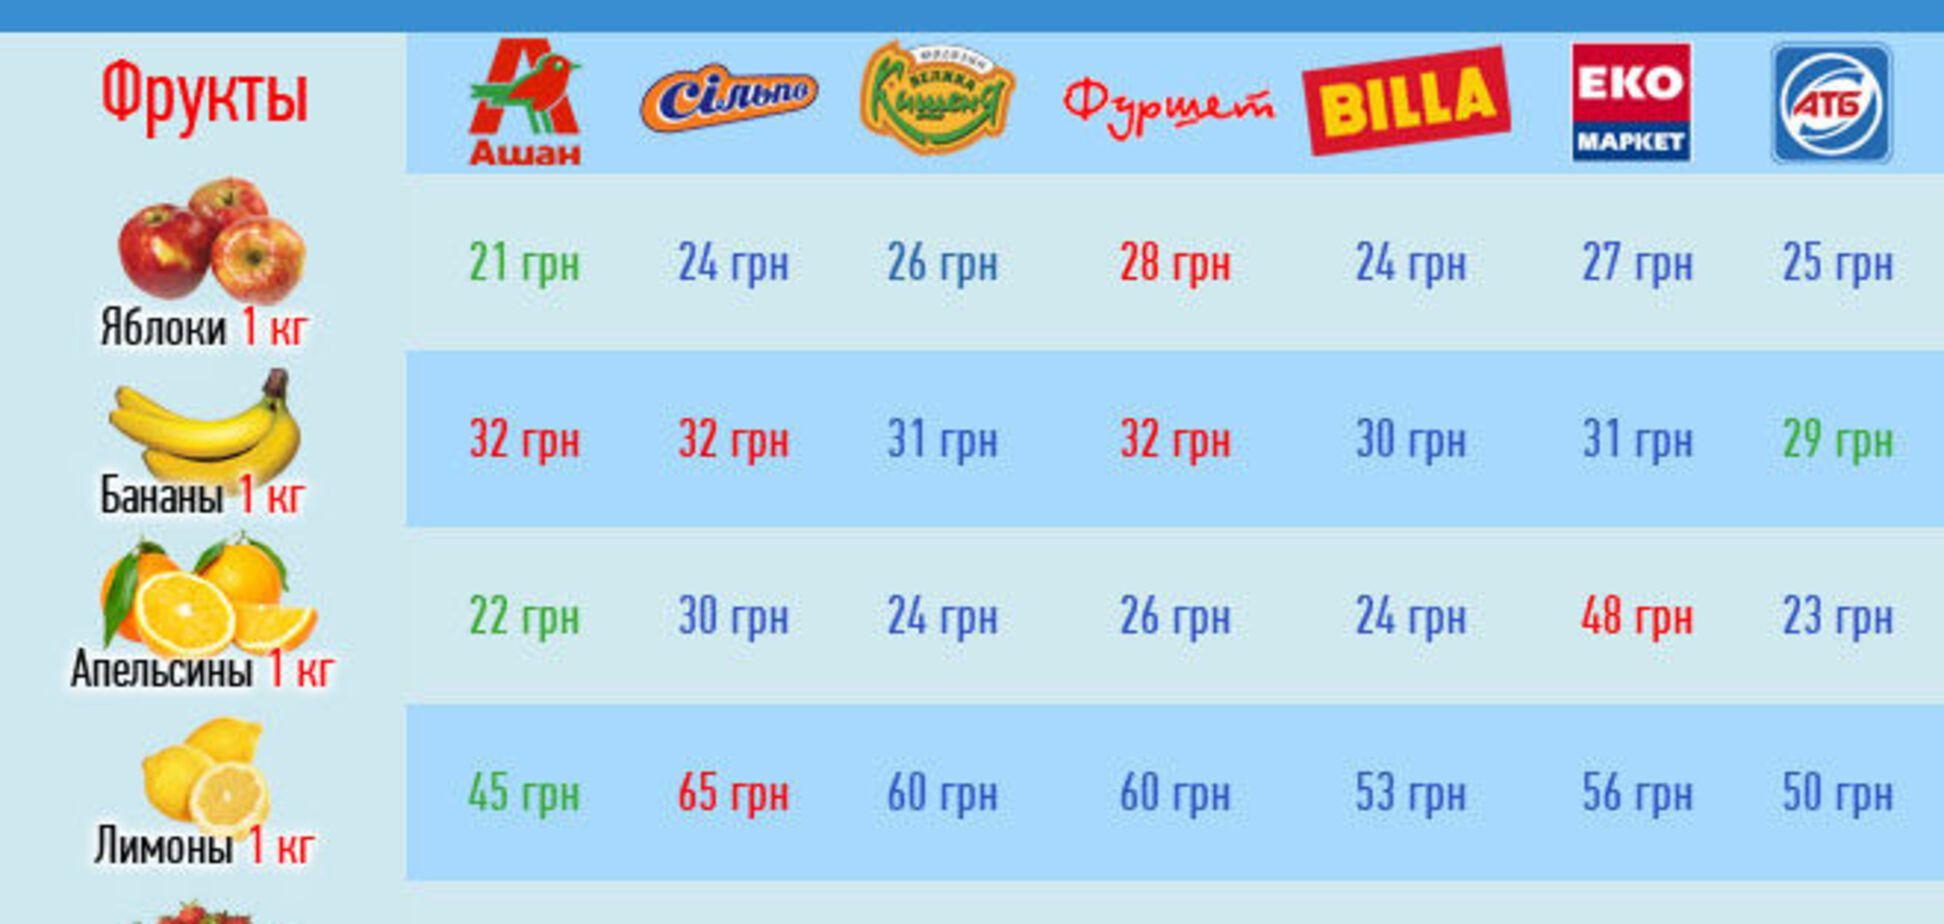 Обзор цен в супермаркетах: почем украинцы покупают еду в июне